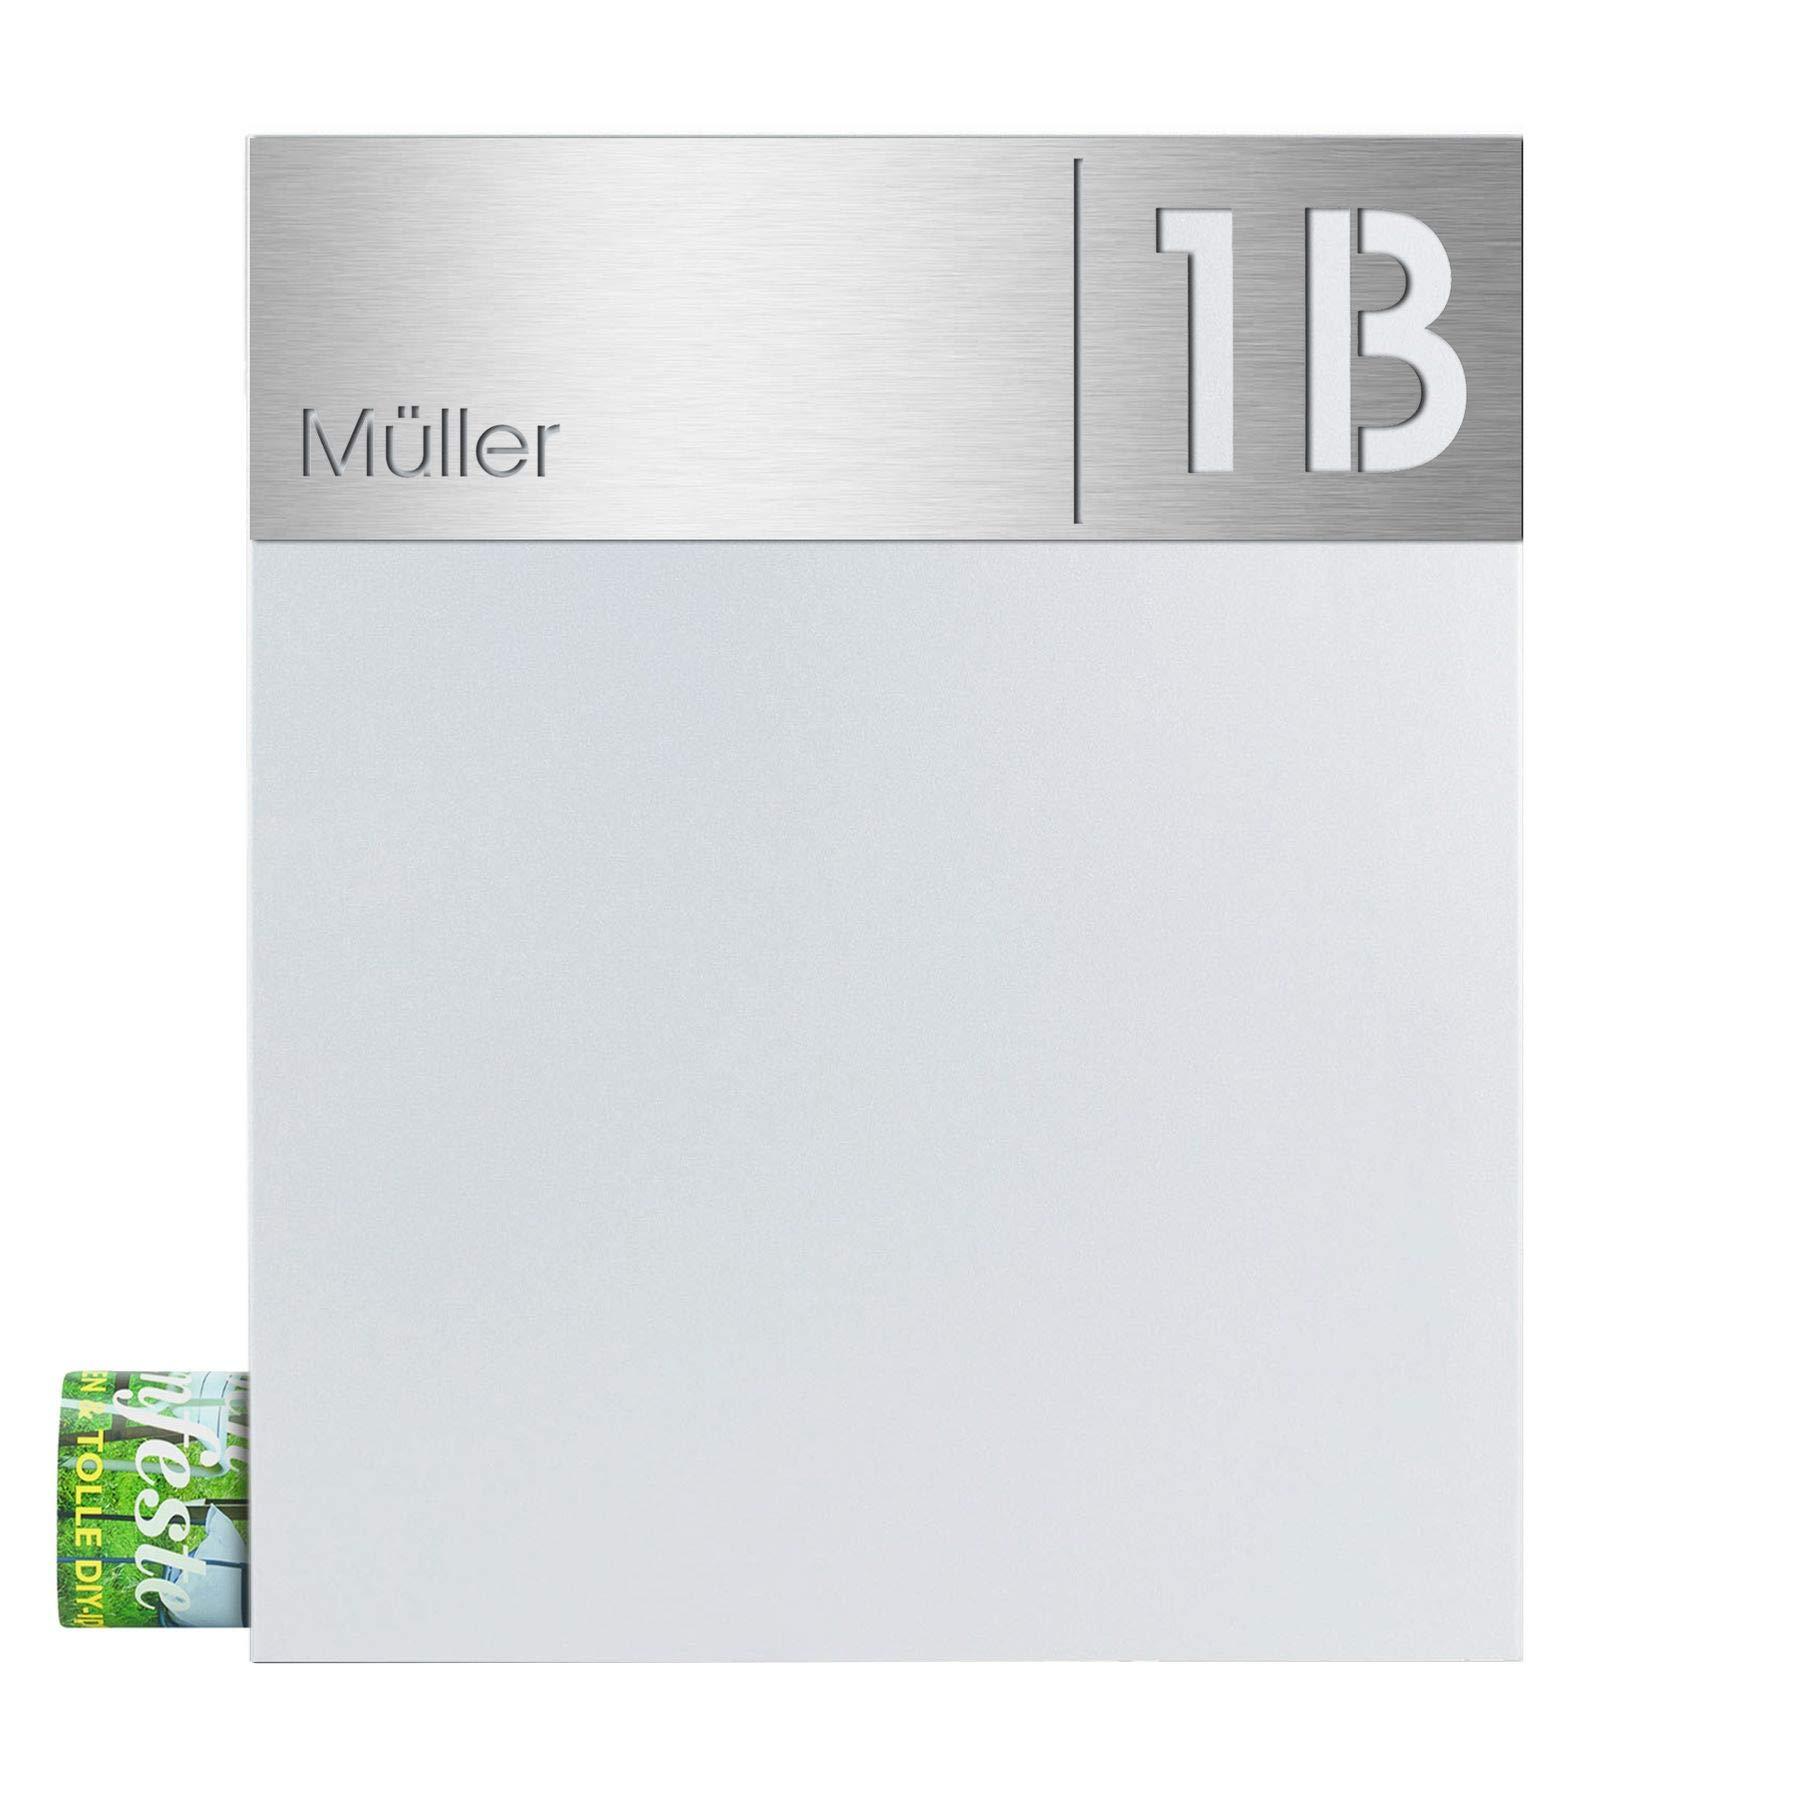 modernes Design MOCAVI Stick 230 Briefkastenschild mit Hausnummer und Namen Edelstahl V4A graviert gro/ß selbstklebend